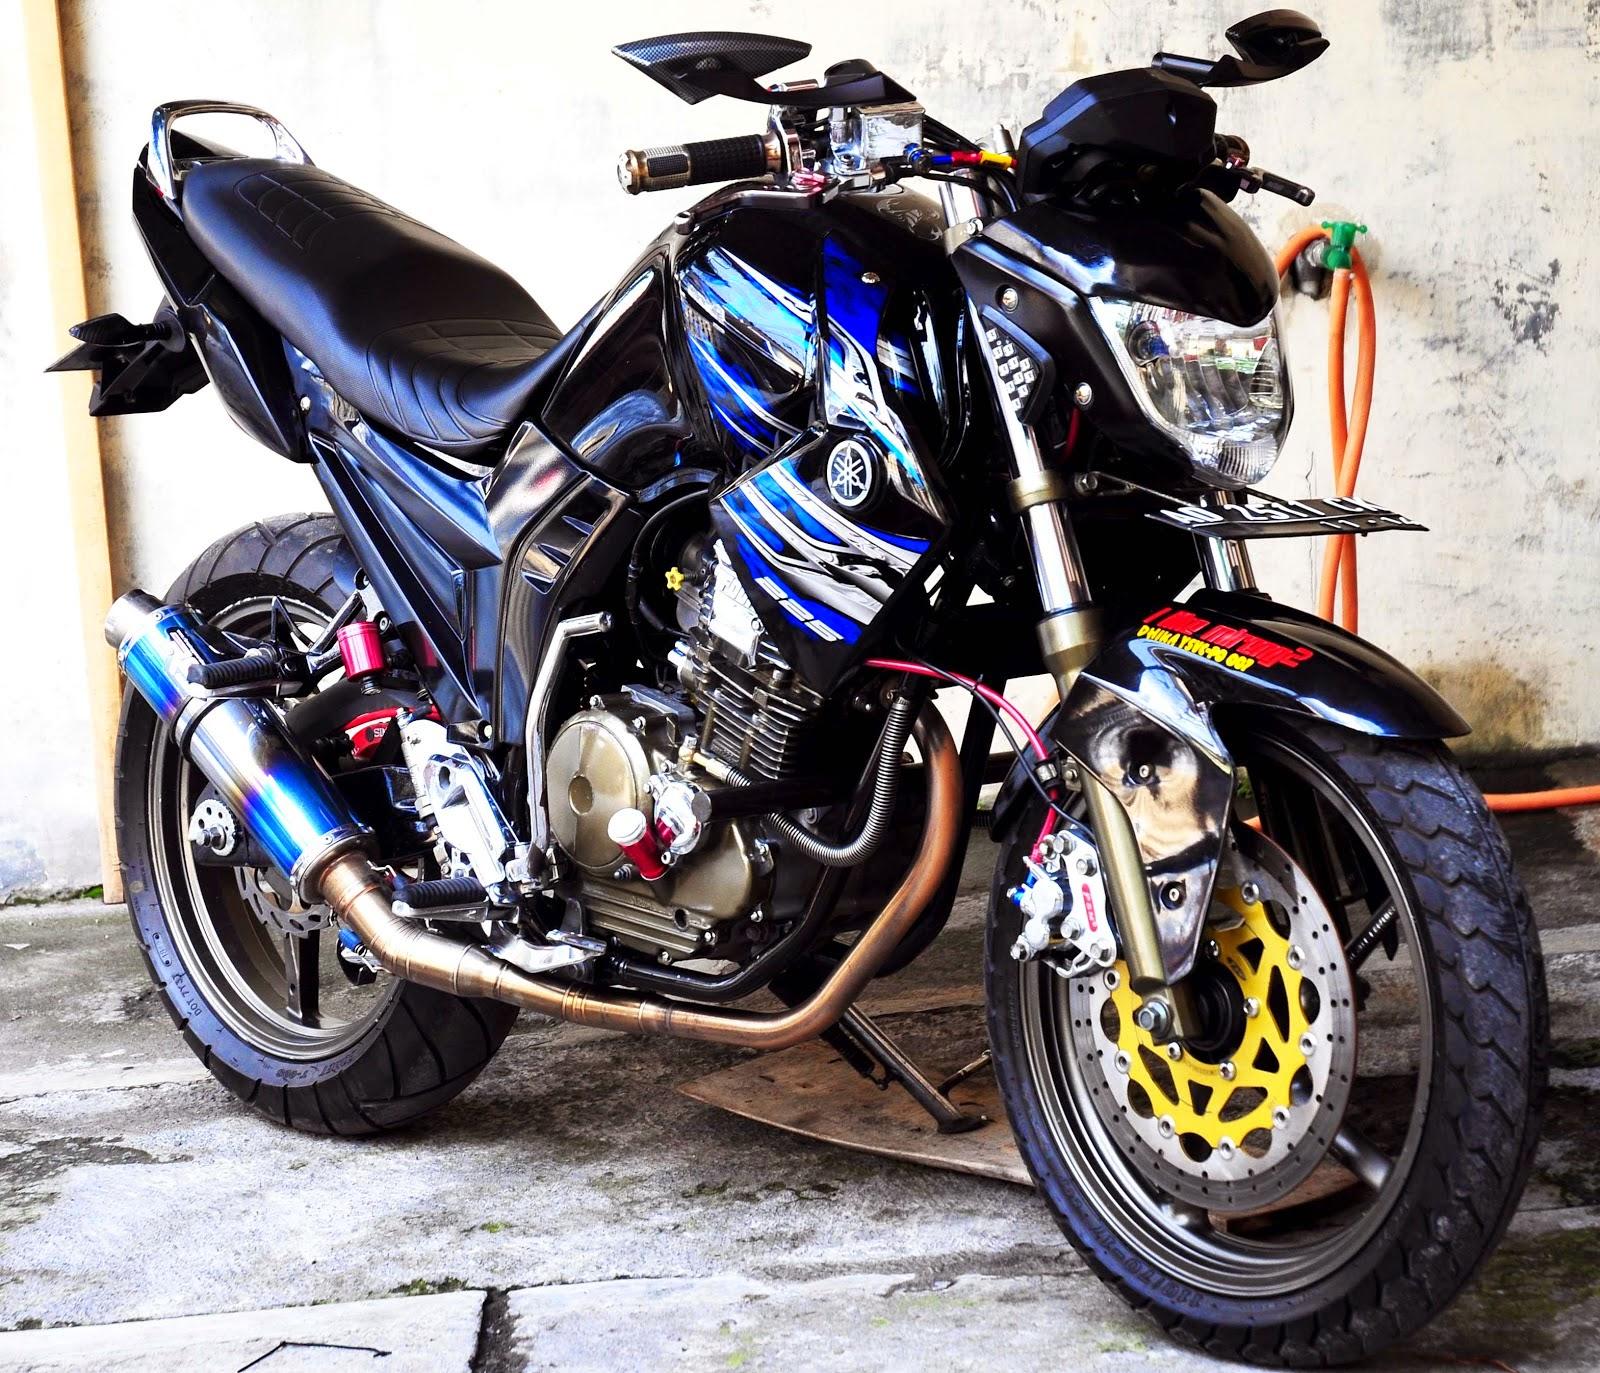 Yamaha-Byson-Modifikasi-Mesin-yamaha-byson-modifikasi-full-fairing ...